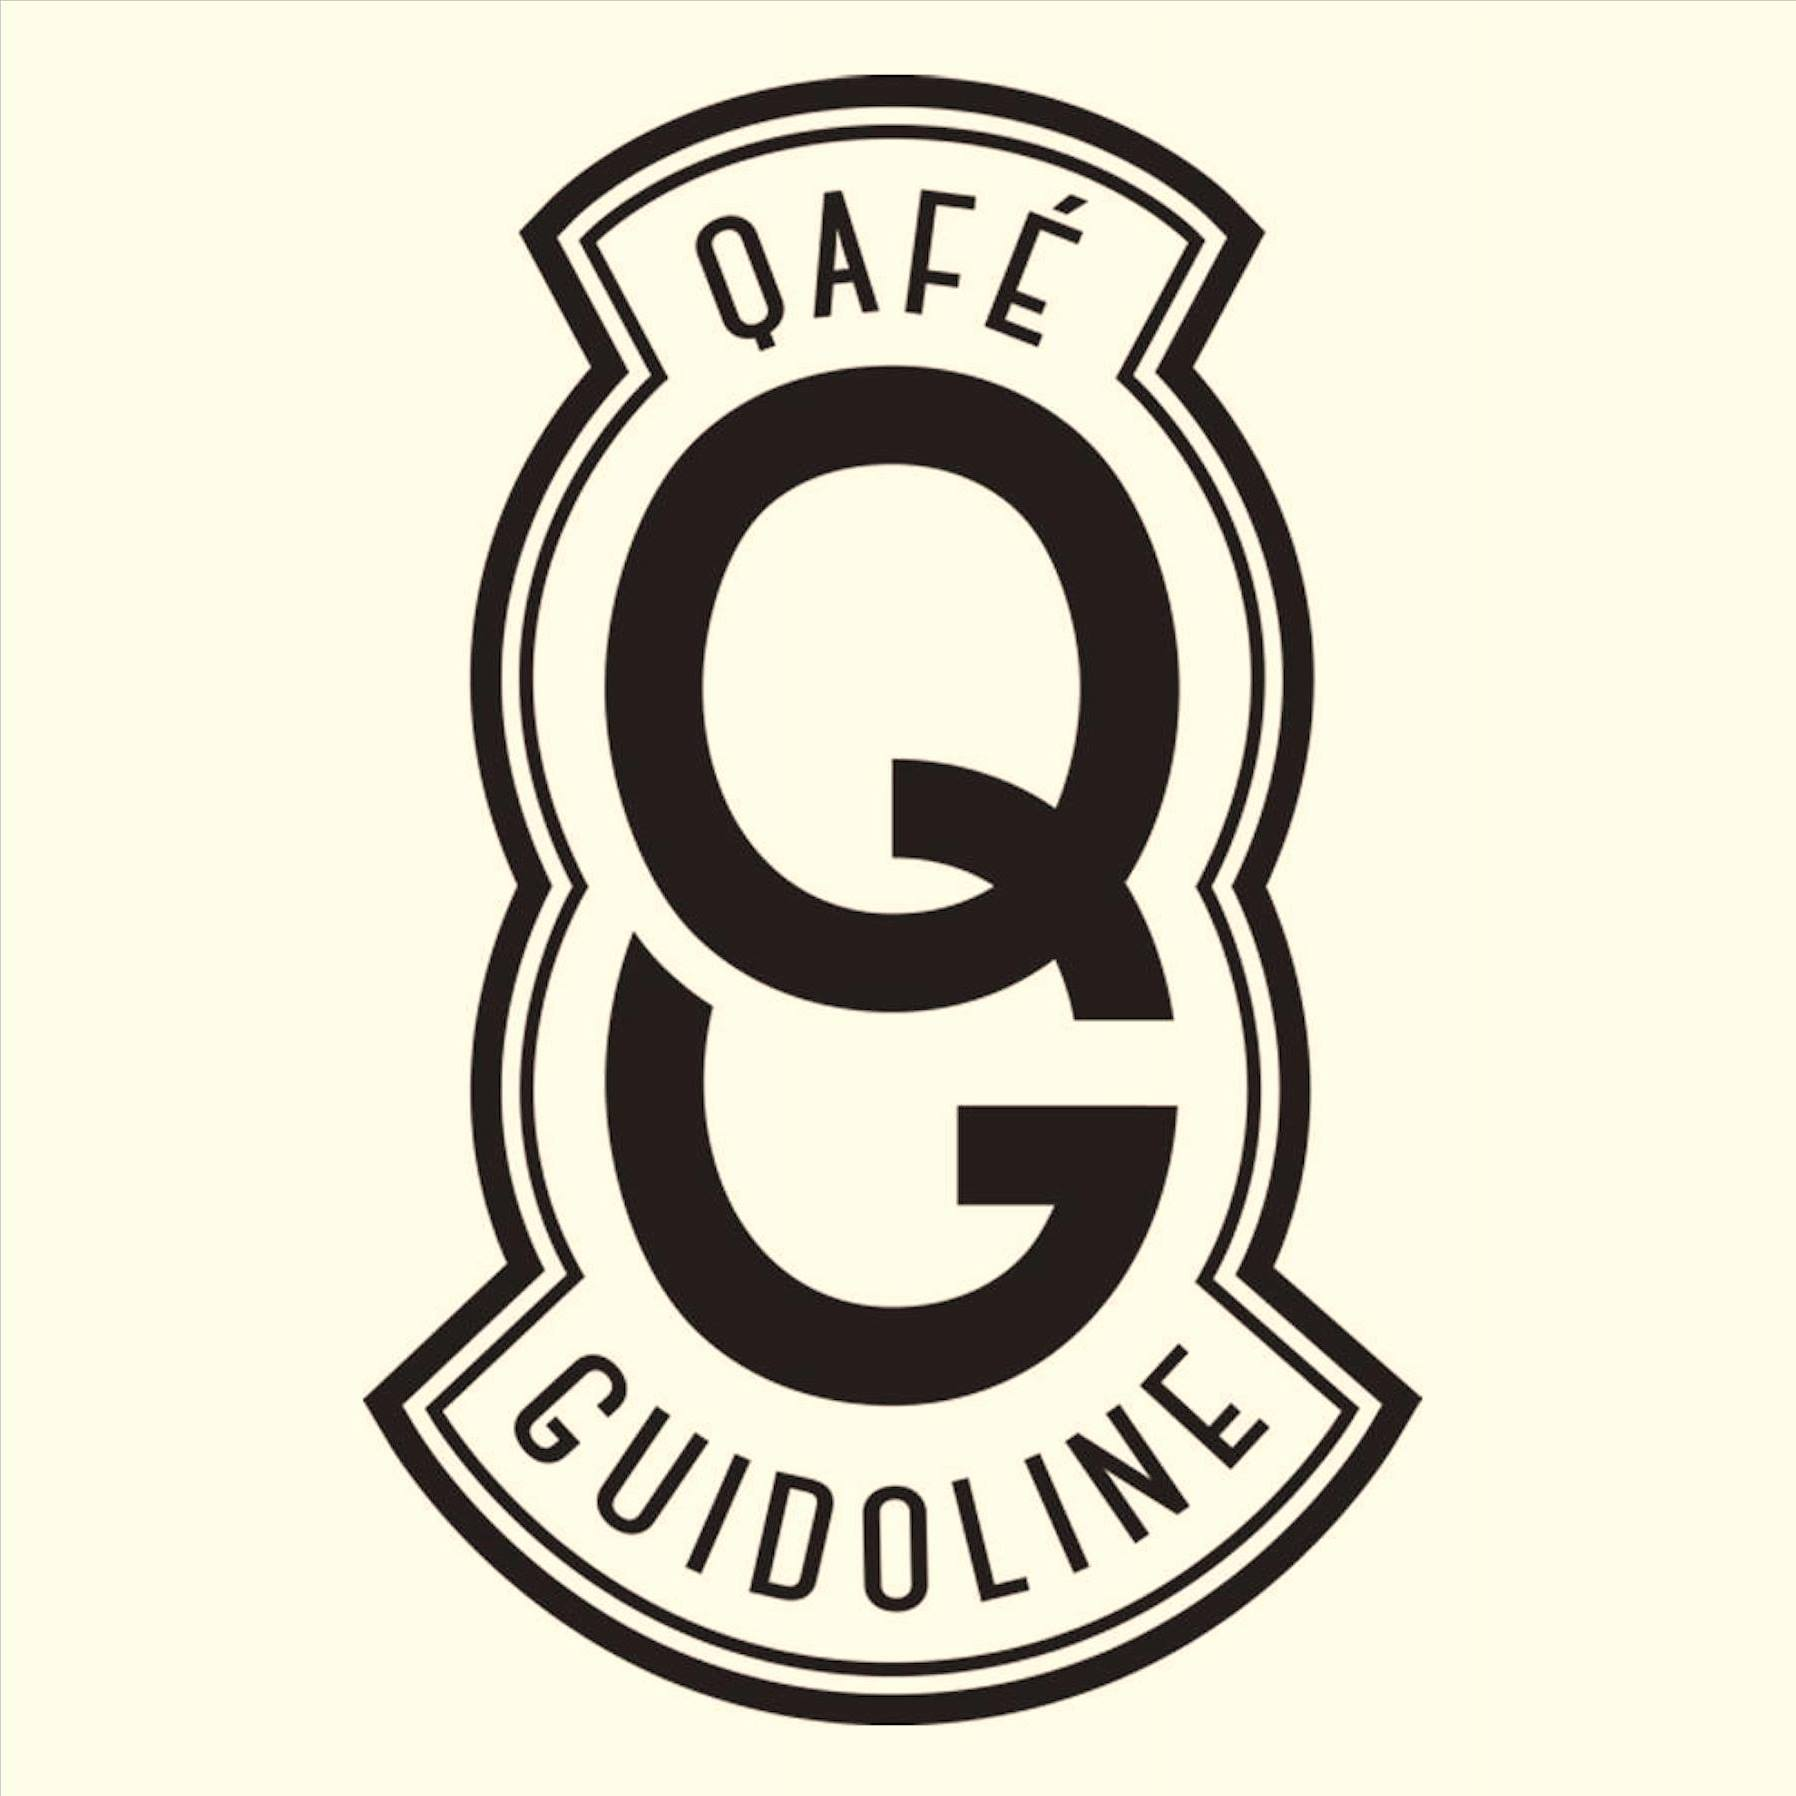 Nicolas Duvoisin at Qafé Quidoline - 23.11.19